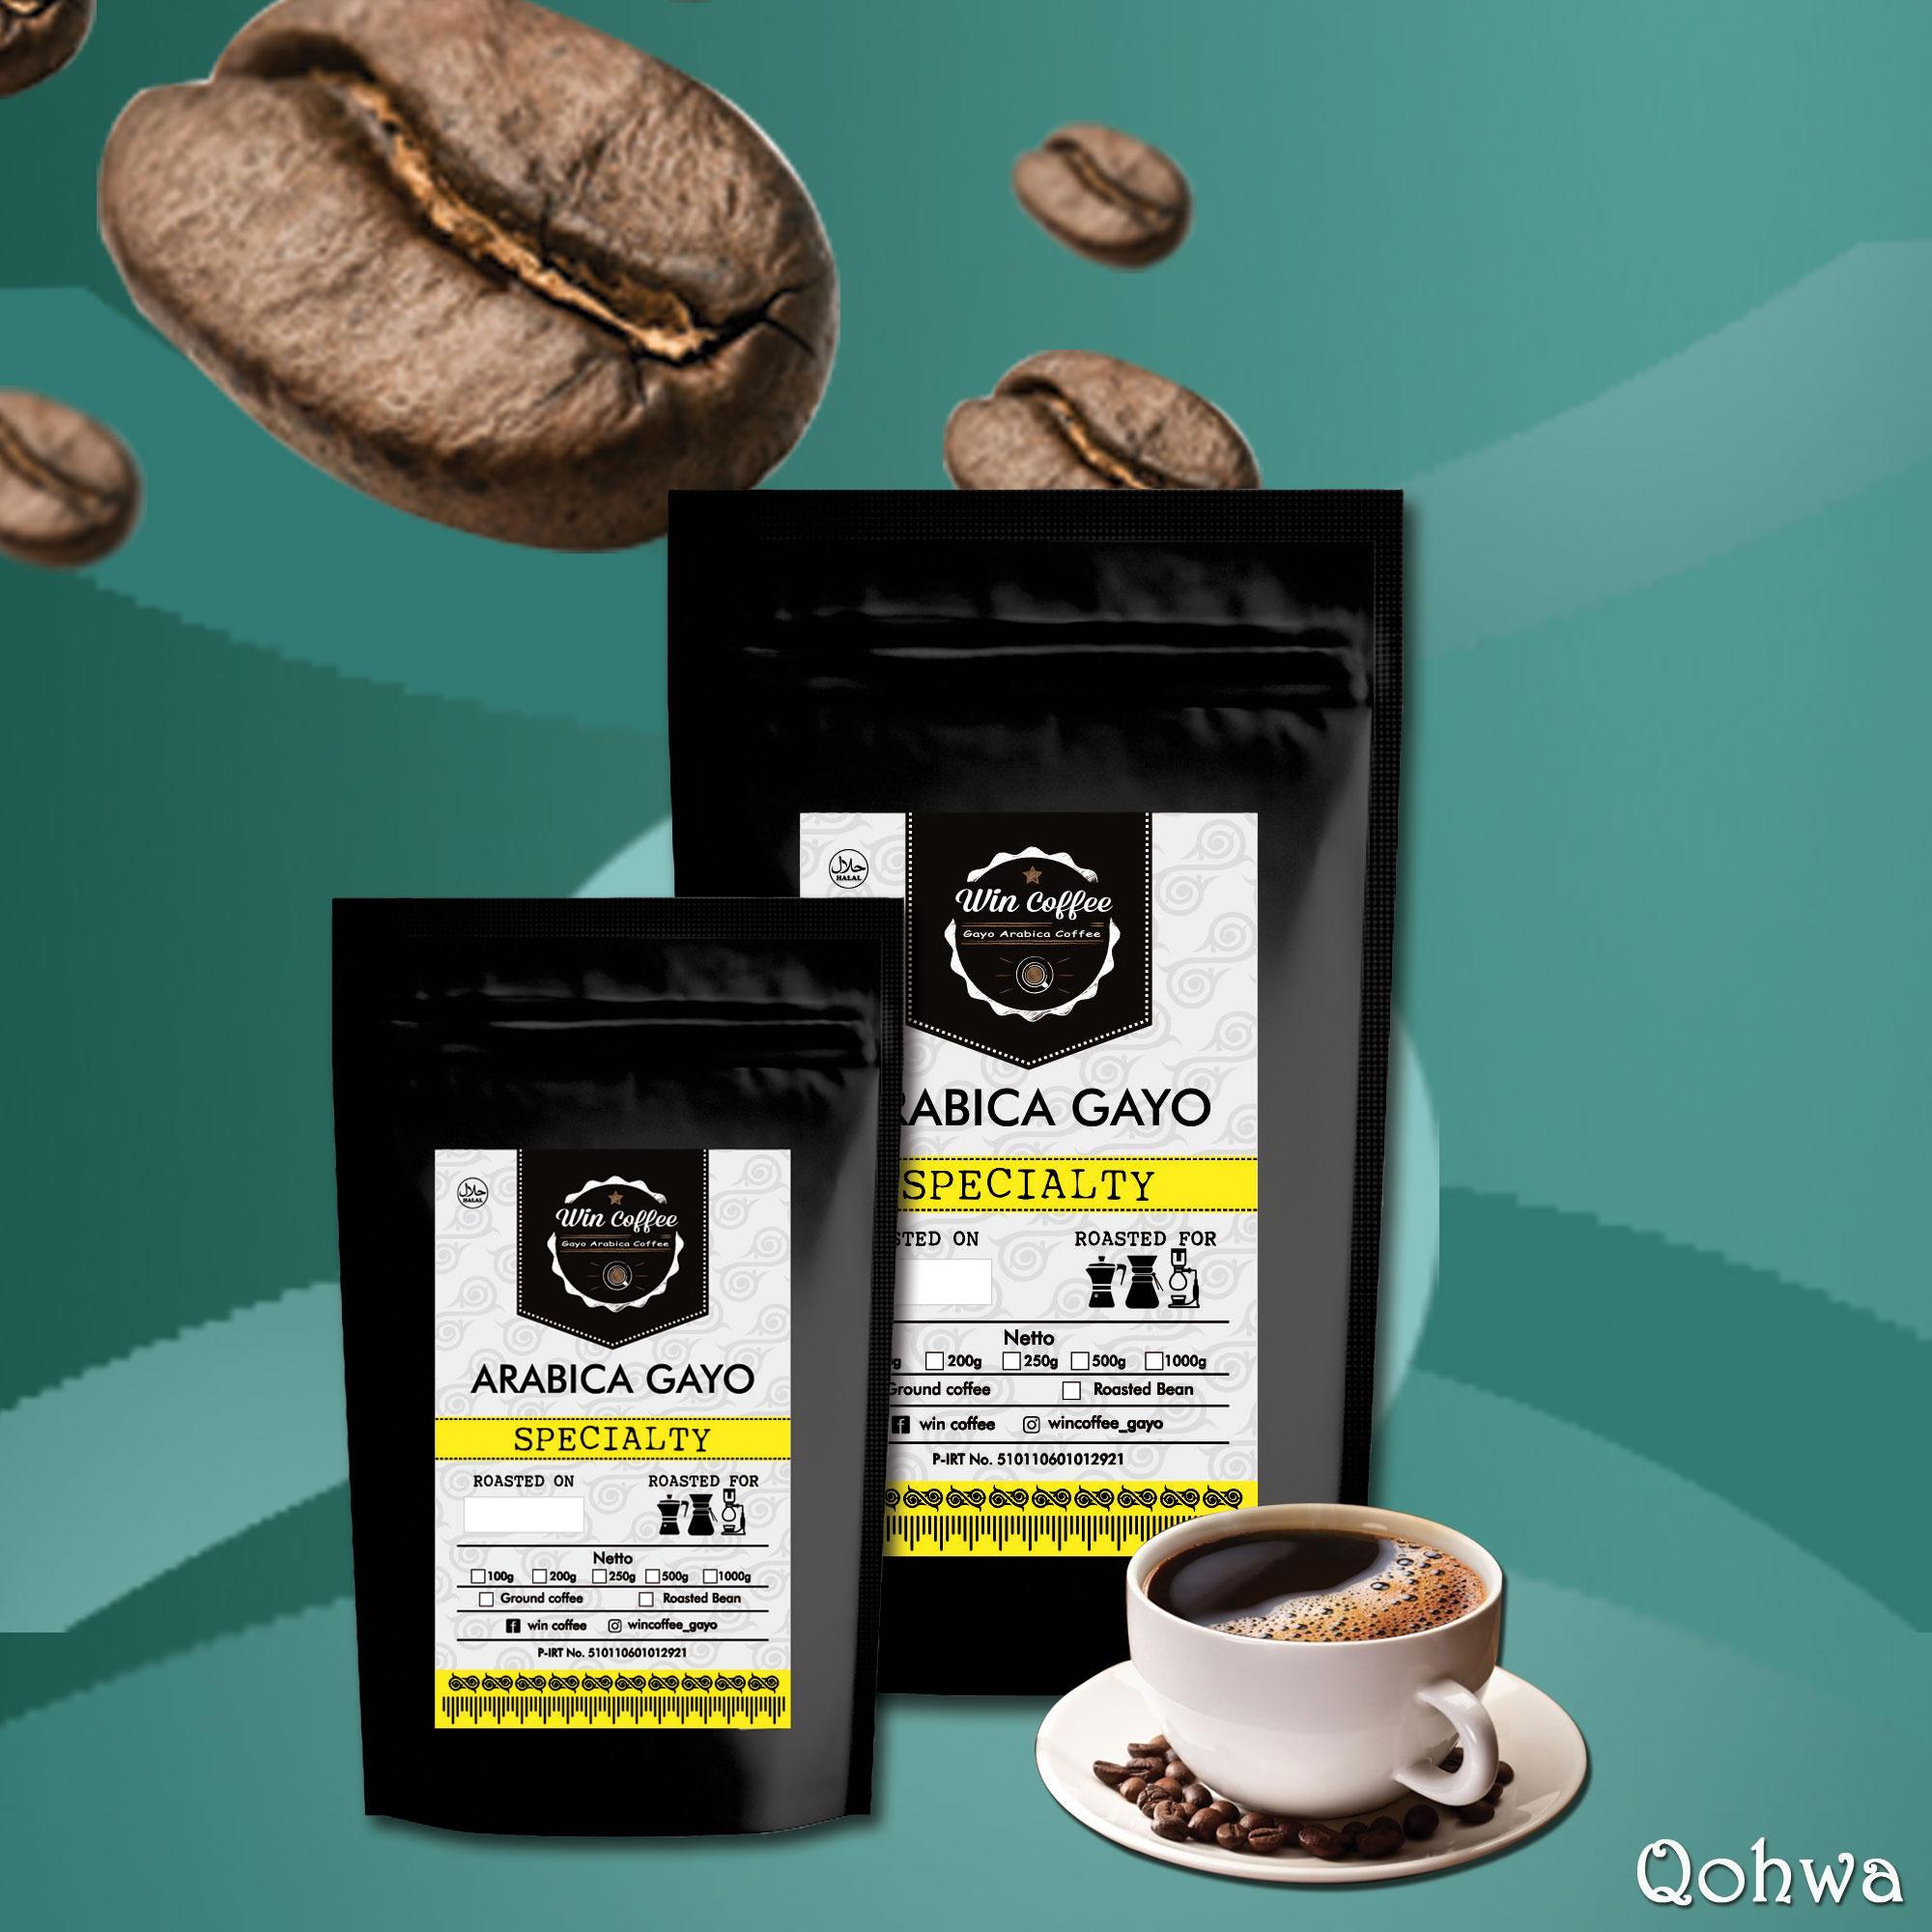 Jual Kopi Gayo Original Termurah Arabika Natural Process 500 Gram Biji Dan Bubuk Specialty Qohwa Coffee 100g